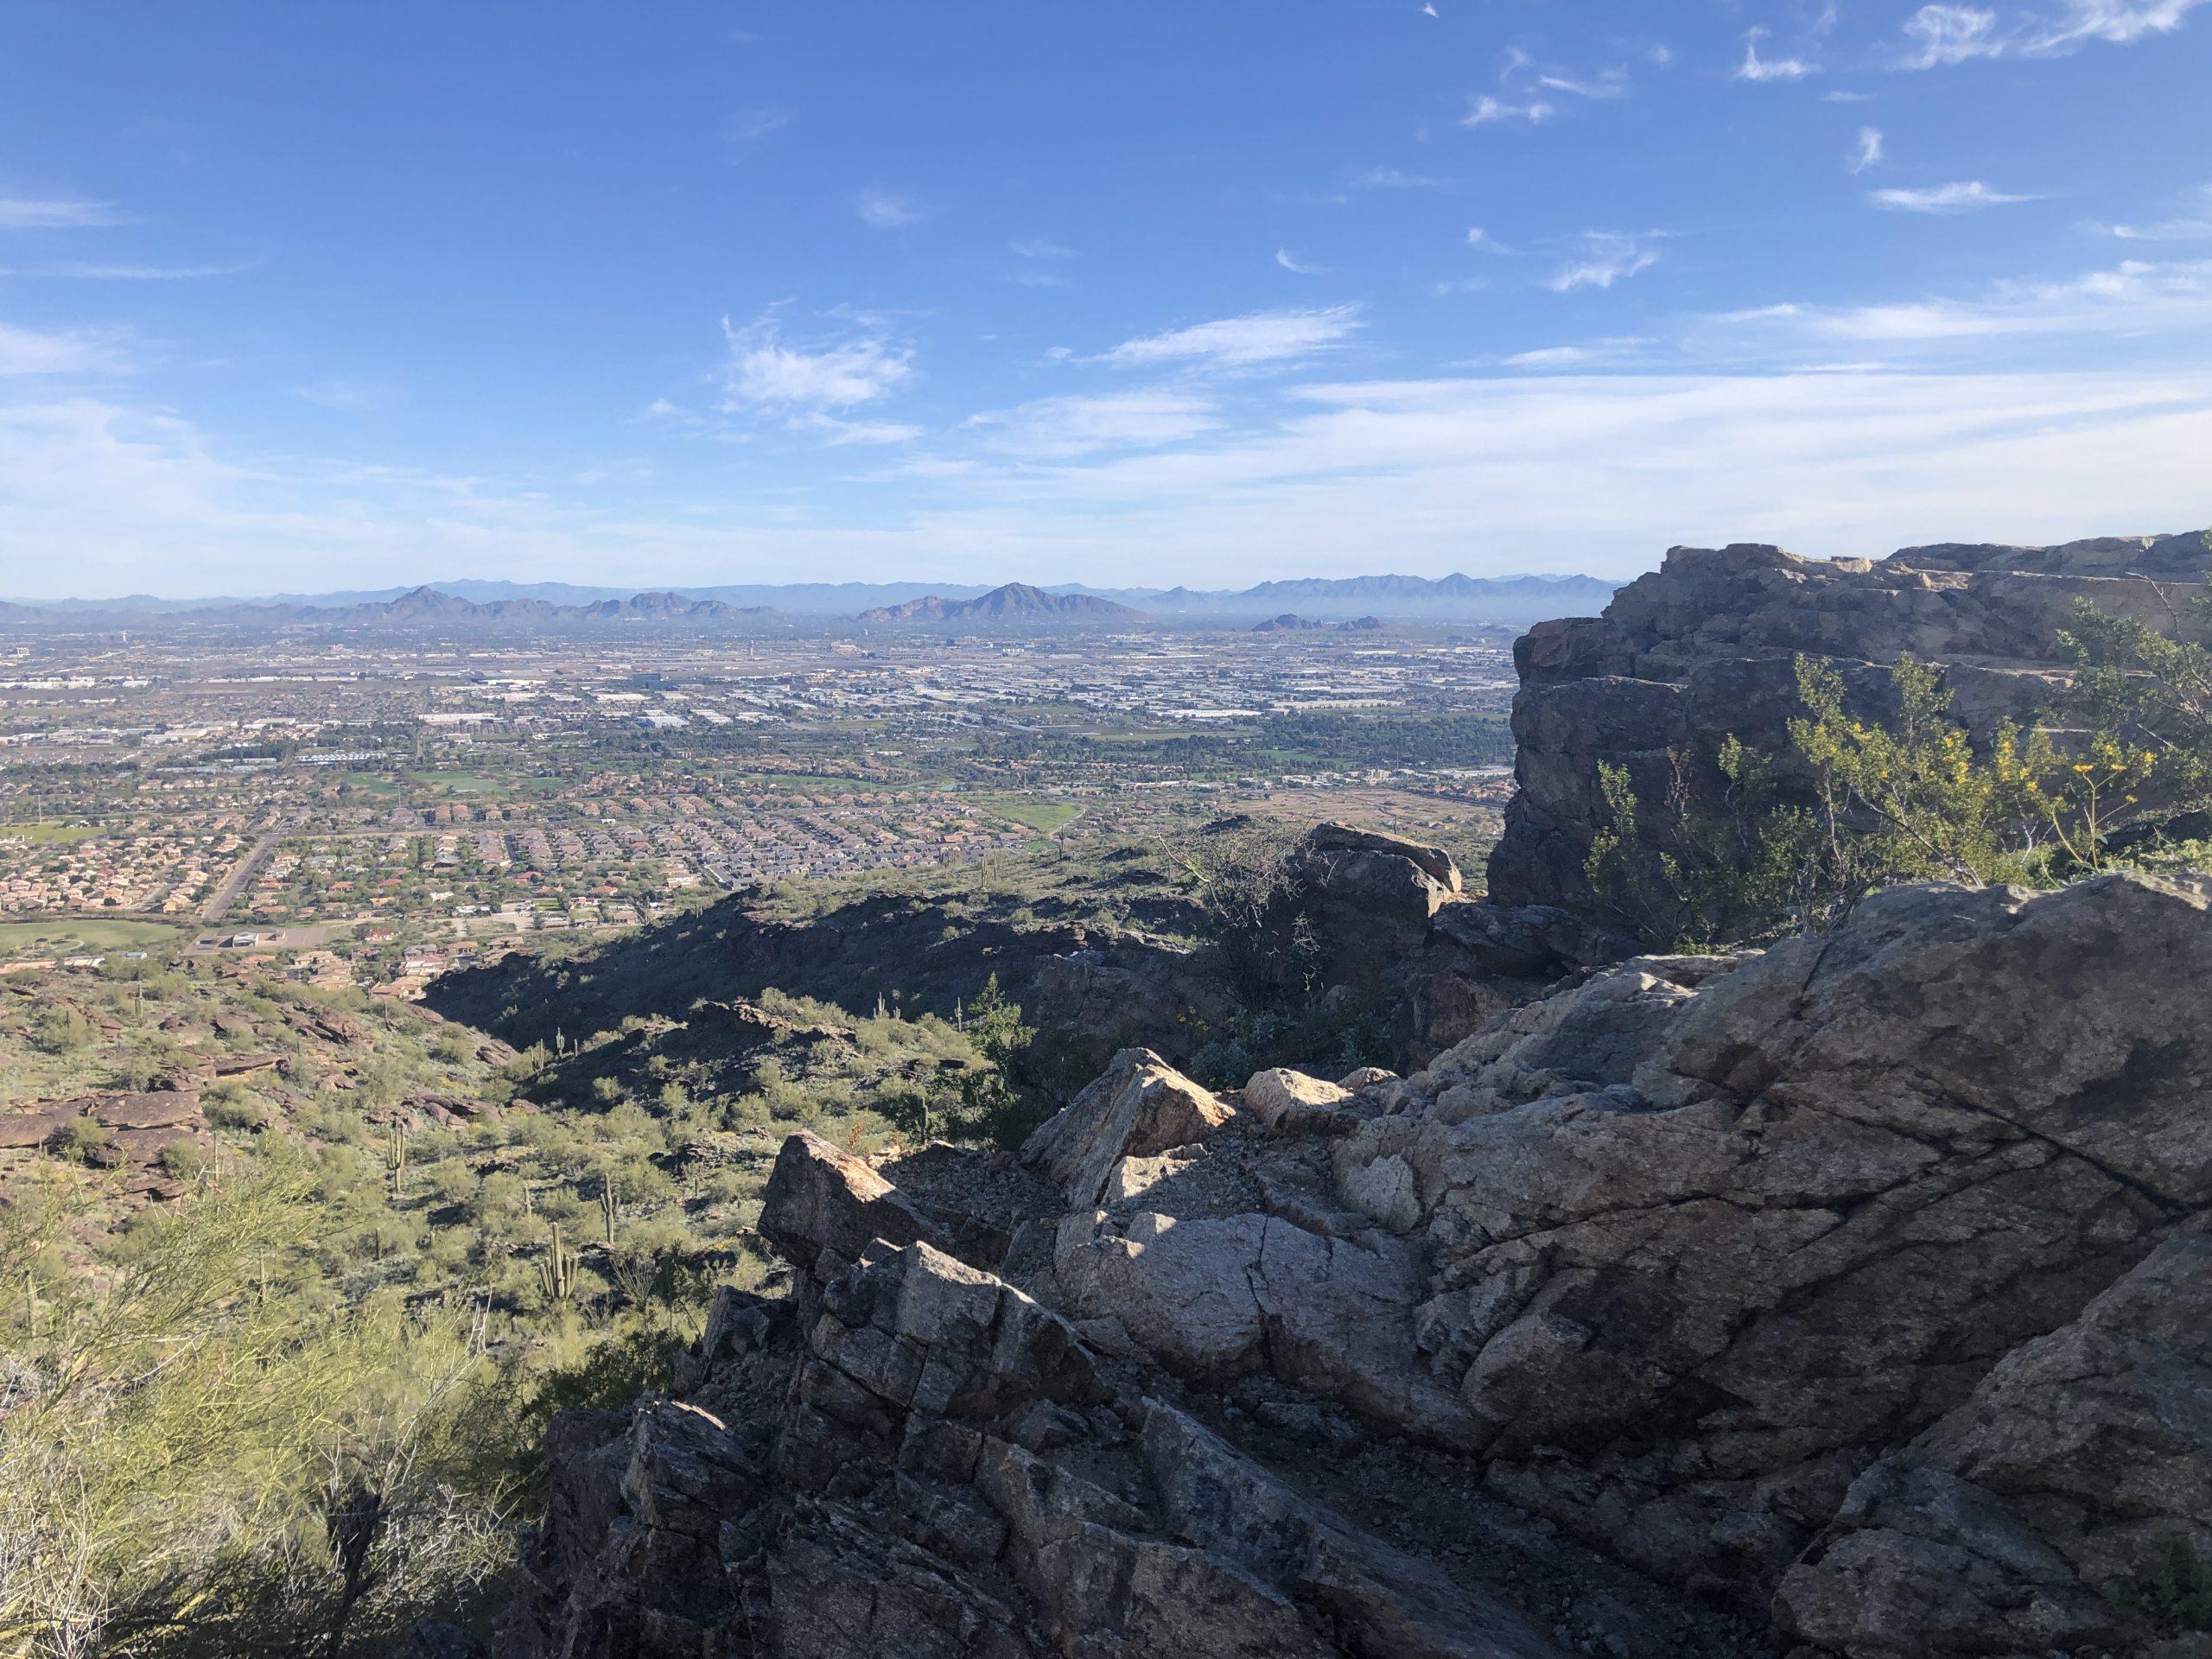 Mormon Trail, March 2020